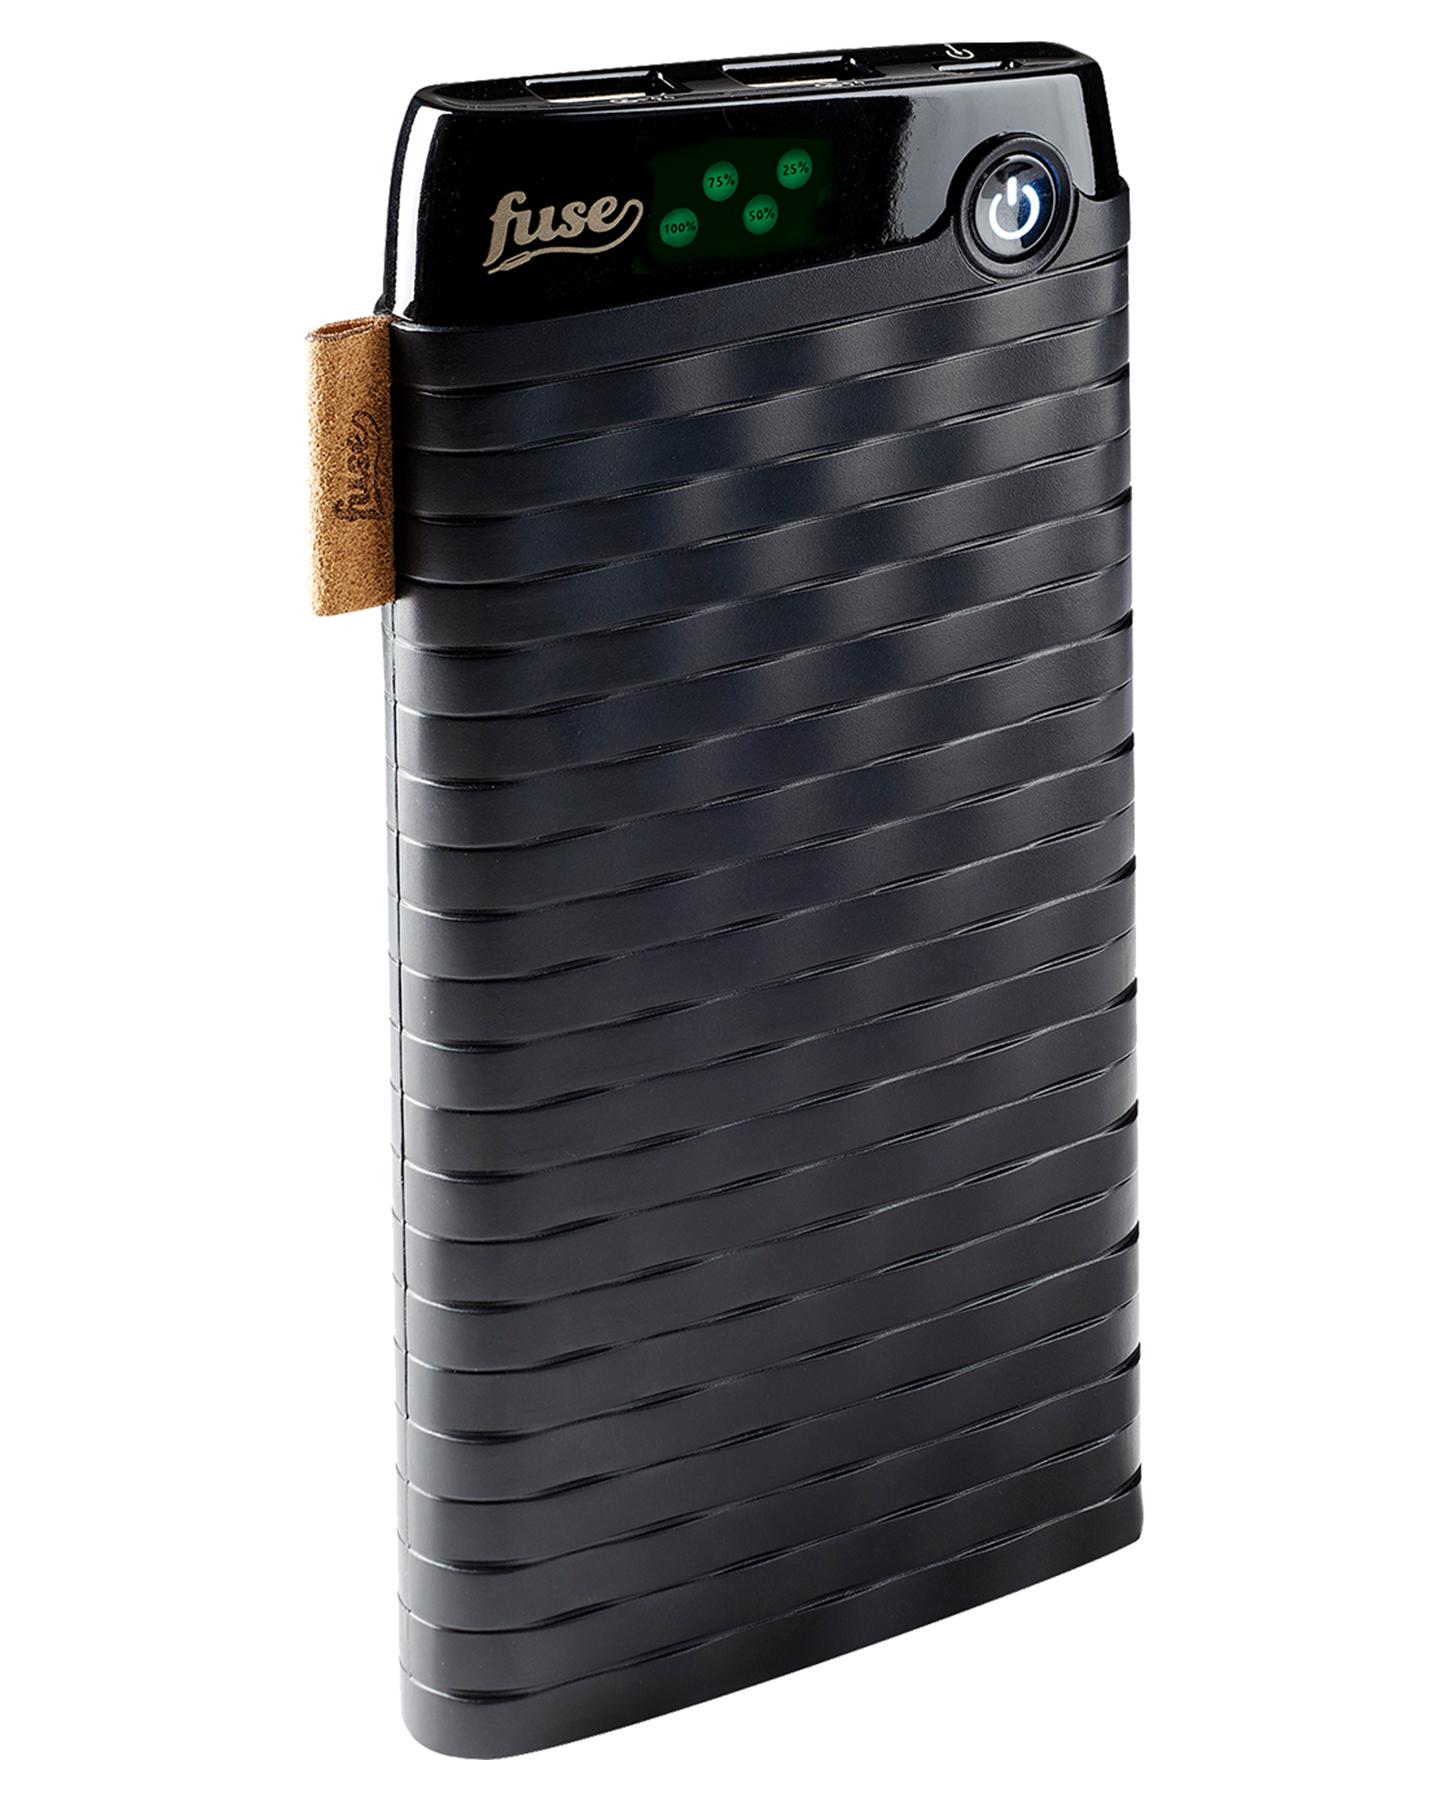 Fuse Fuse Powerbank 8000mah